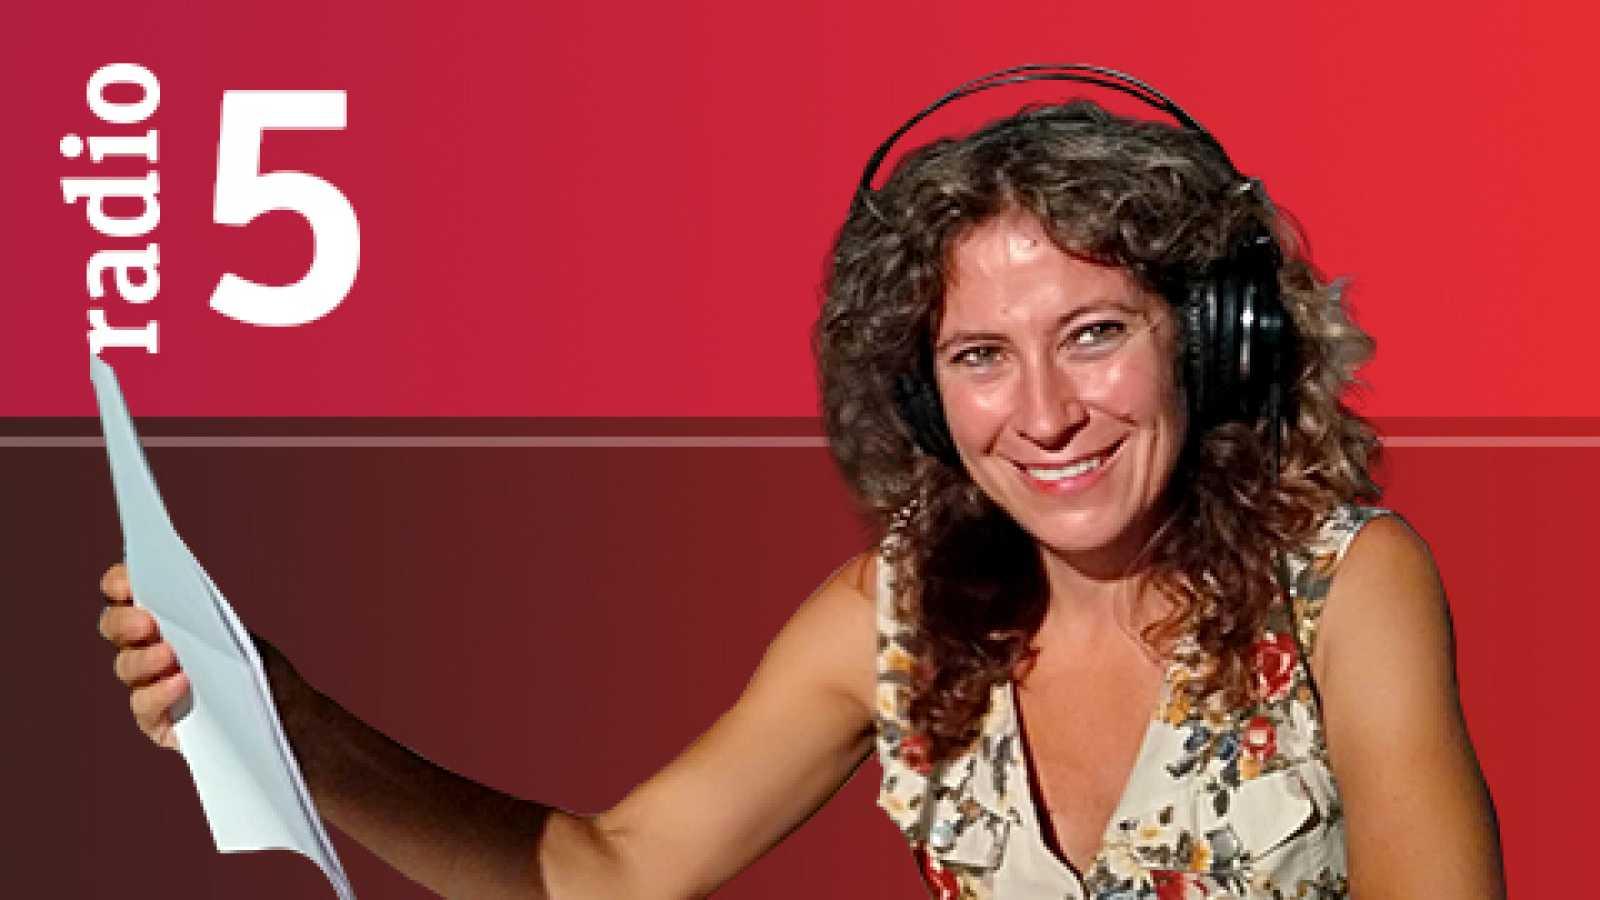 En primera persona - Comunidades autofinanciadas, una alternativa - 12/08/12 - Escuchar ahora